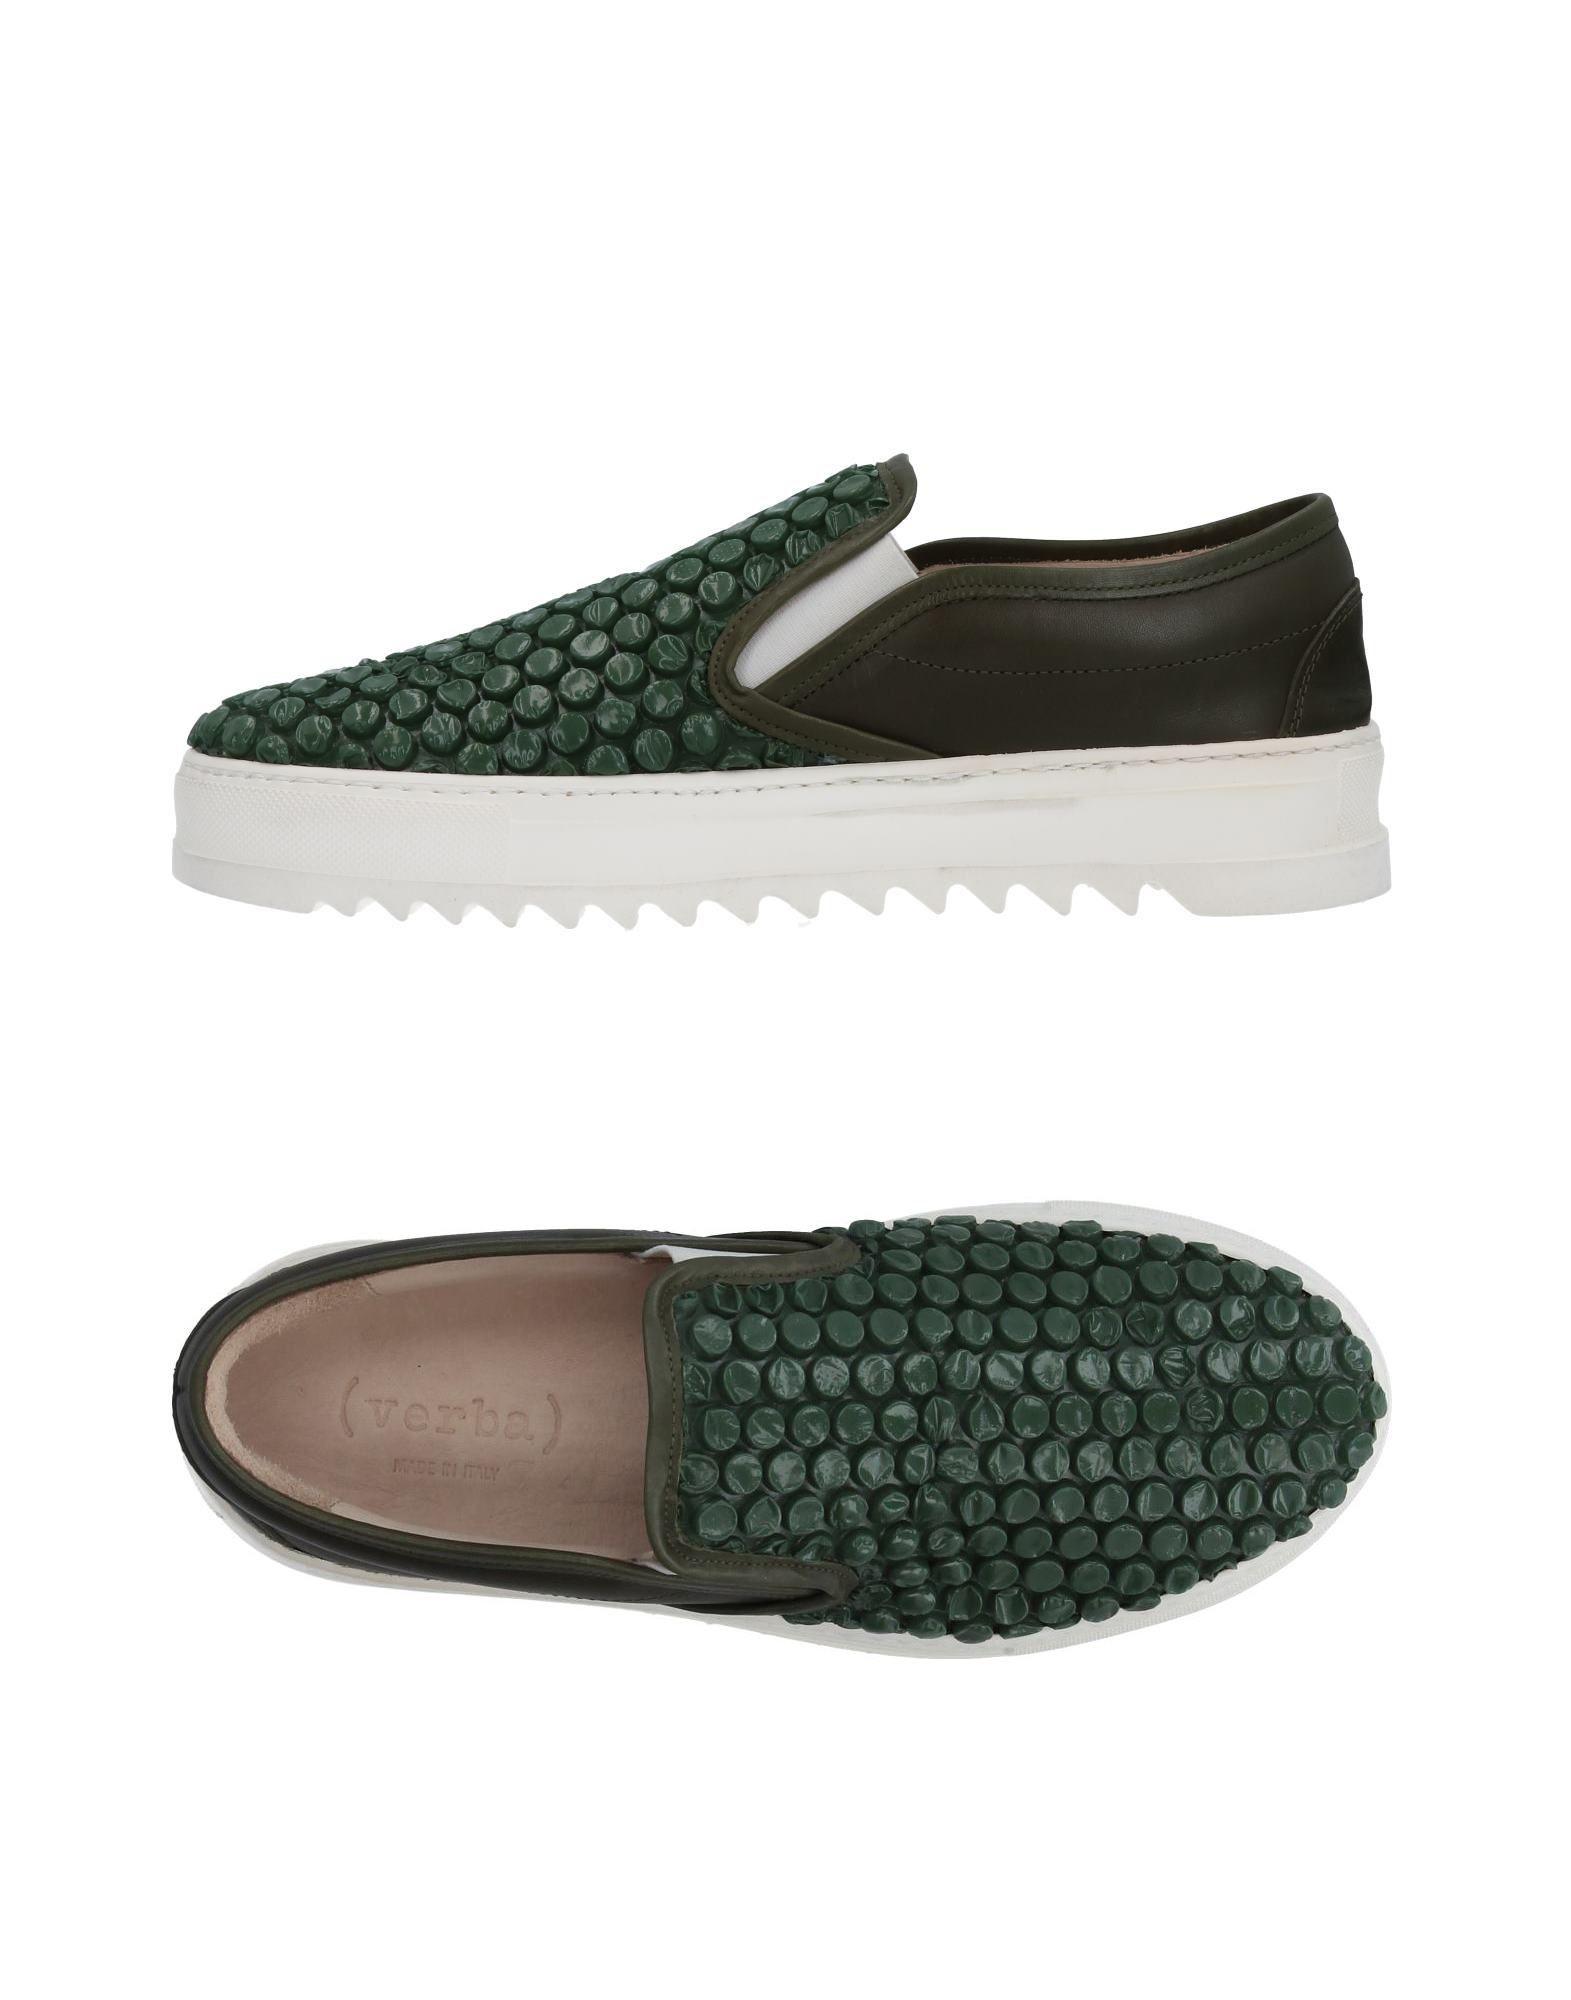 Sneakers ( Verba ) Uomo - 11396641AW